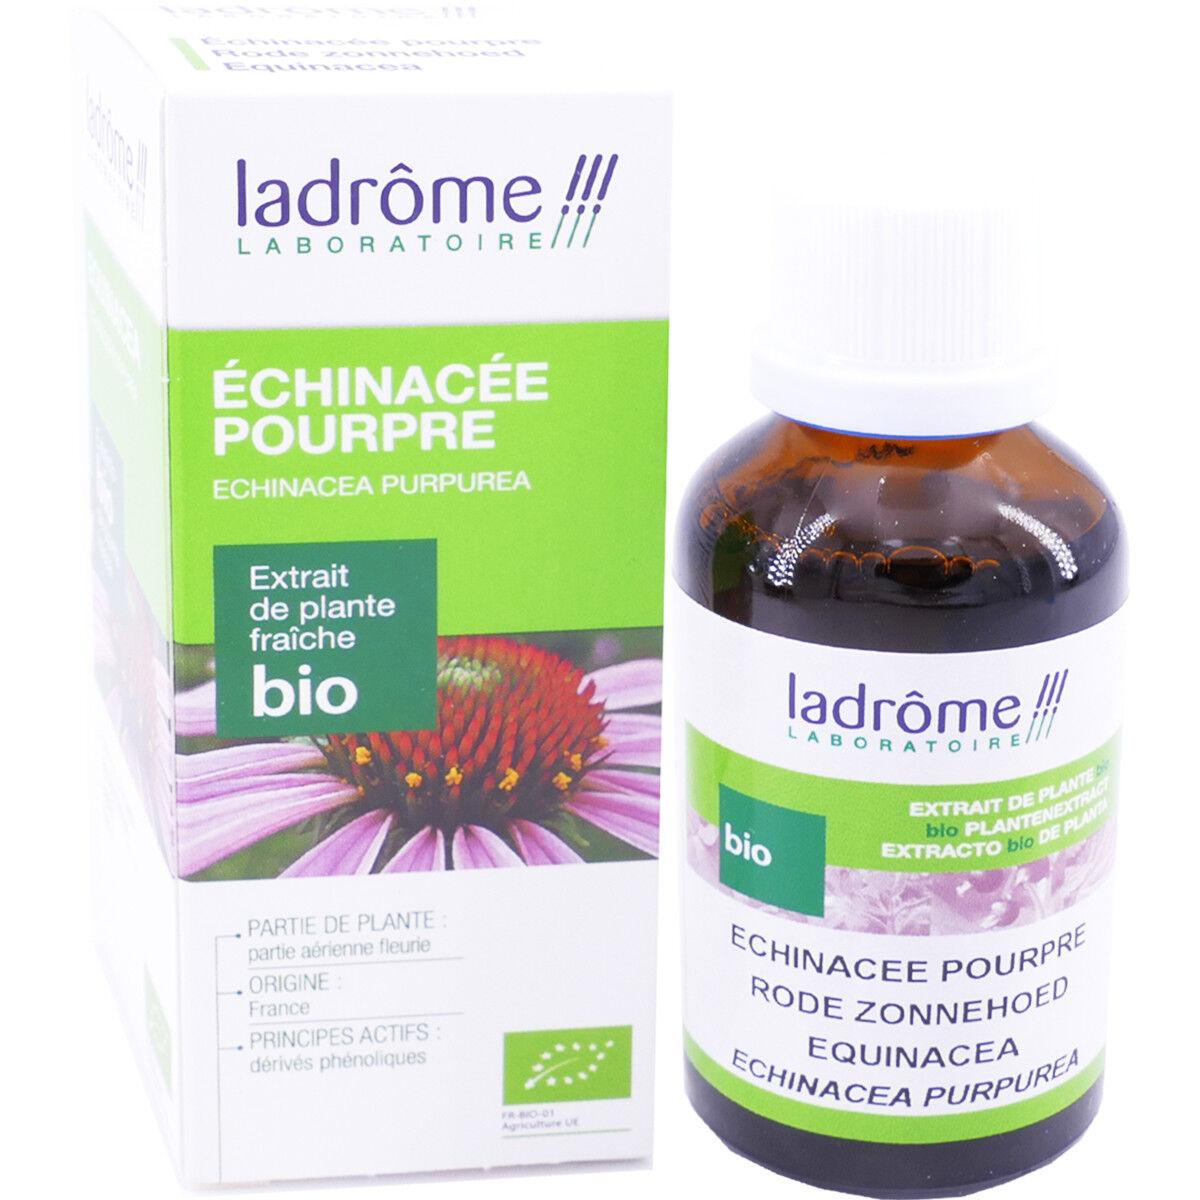 Ladrome echinacee pourpre bio 50 ml